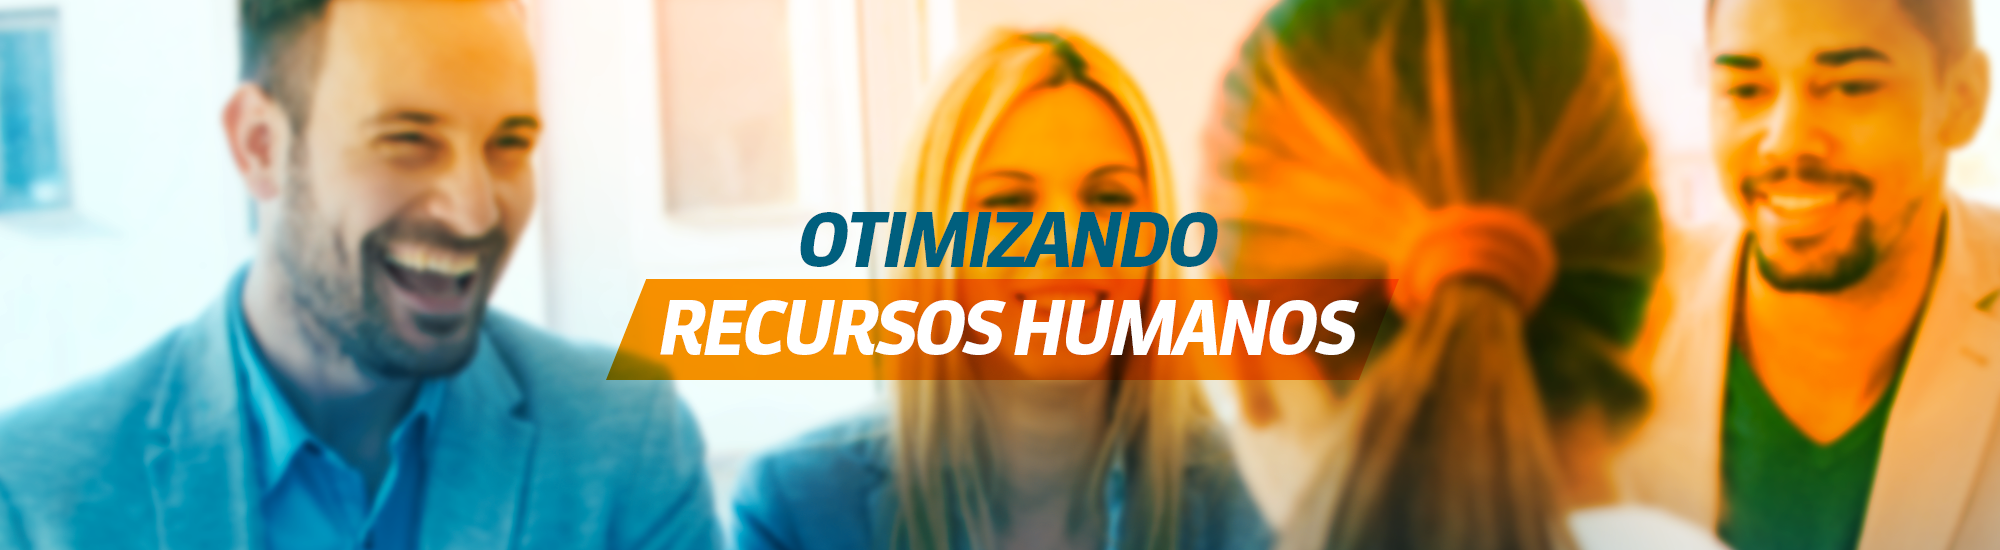 3_BANNER-SITE (1) recursos humanos